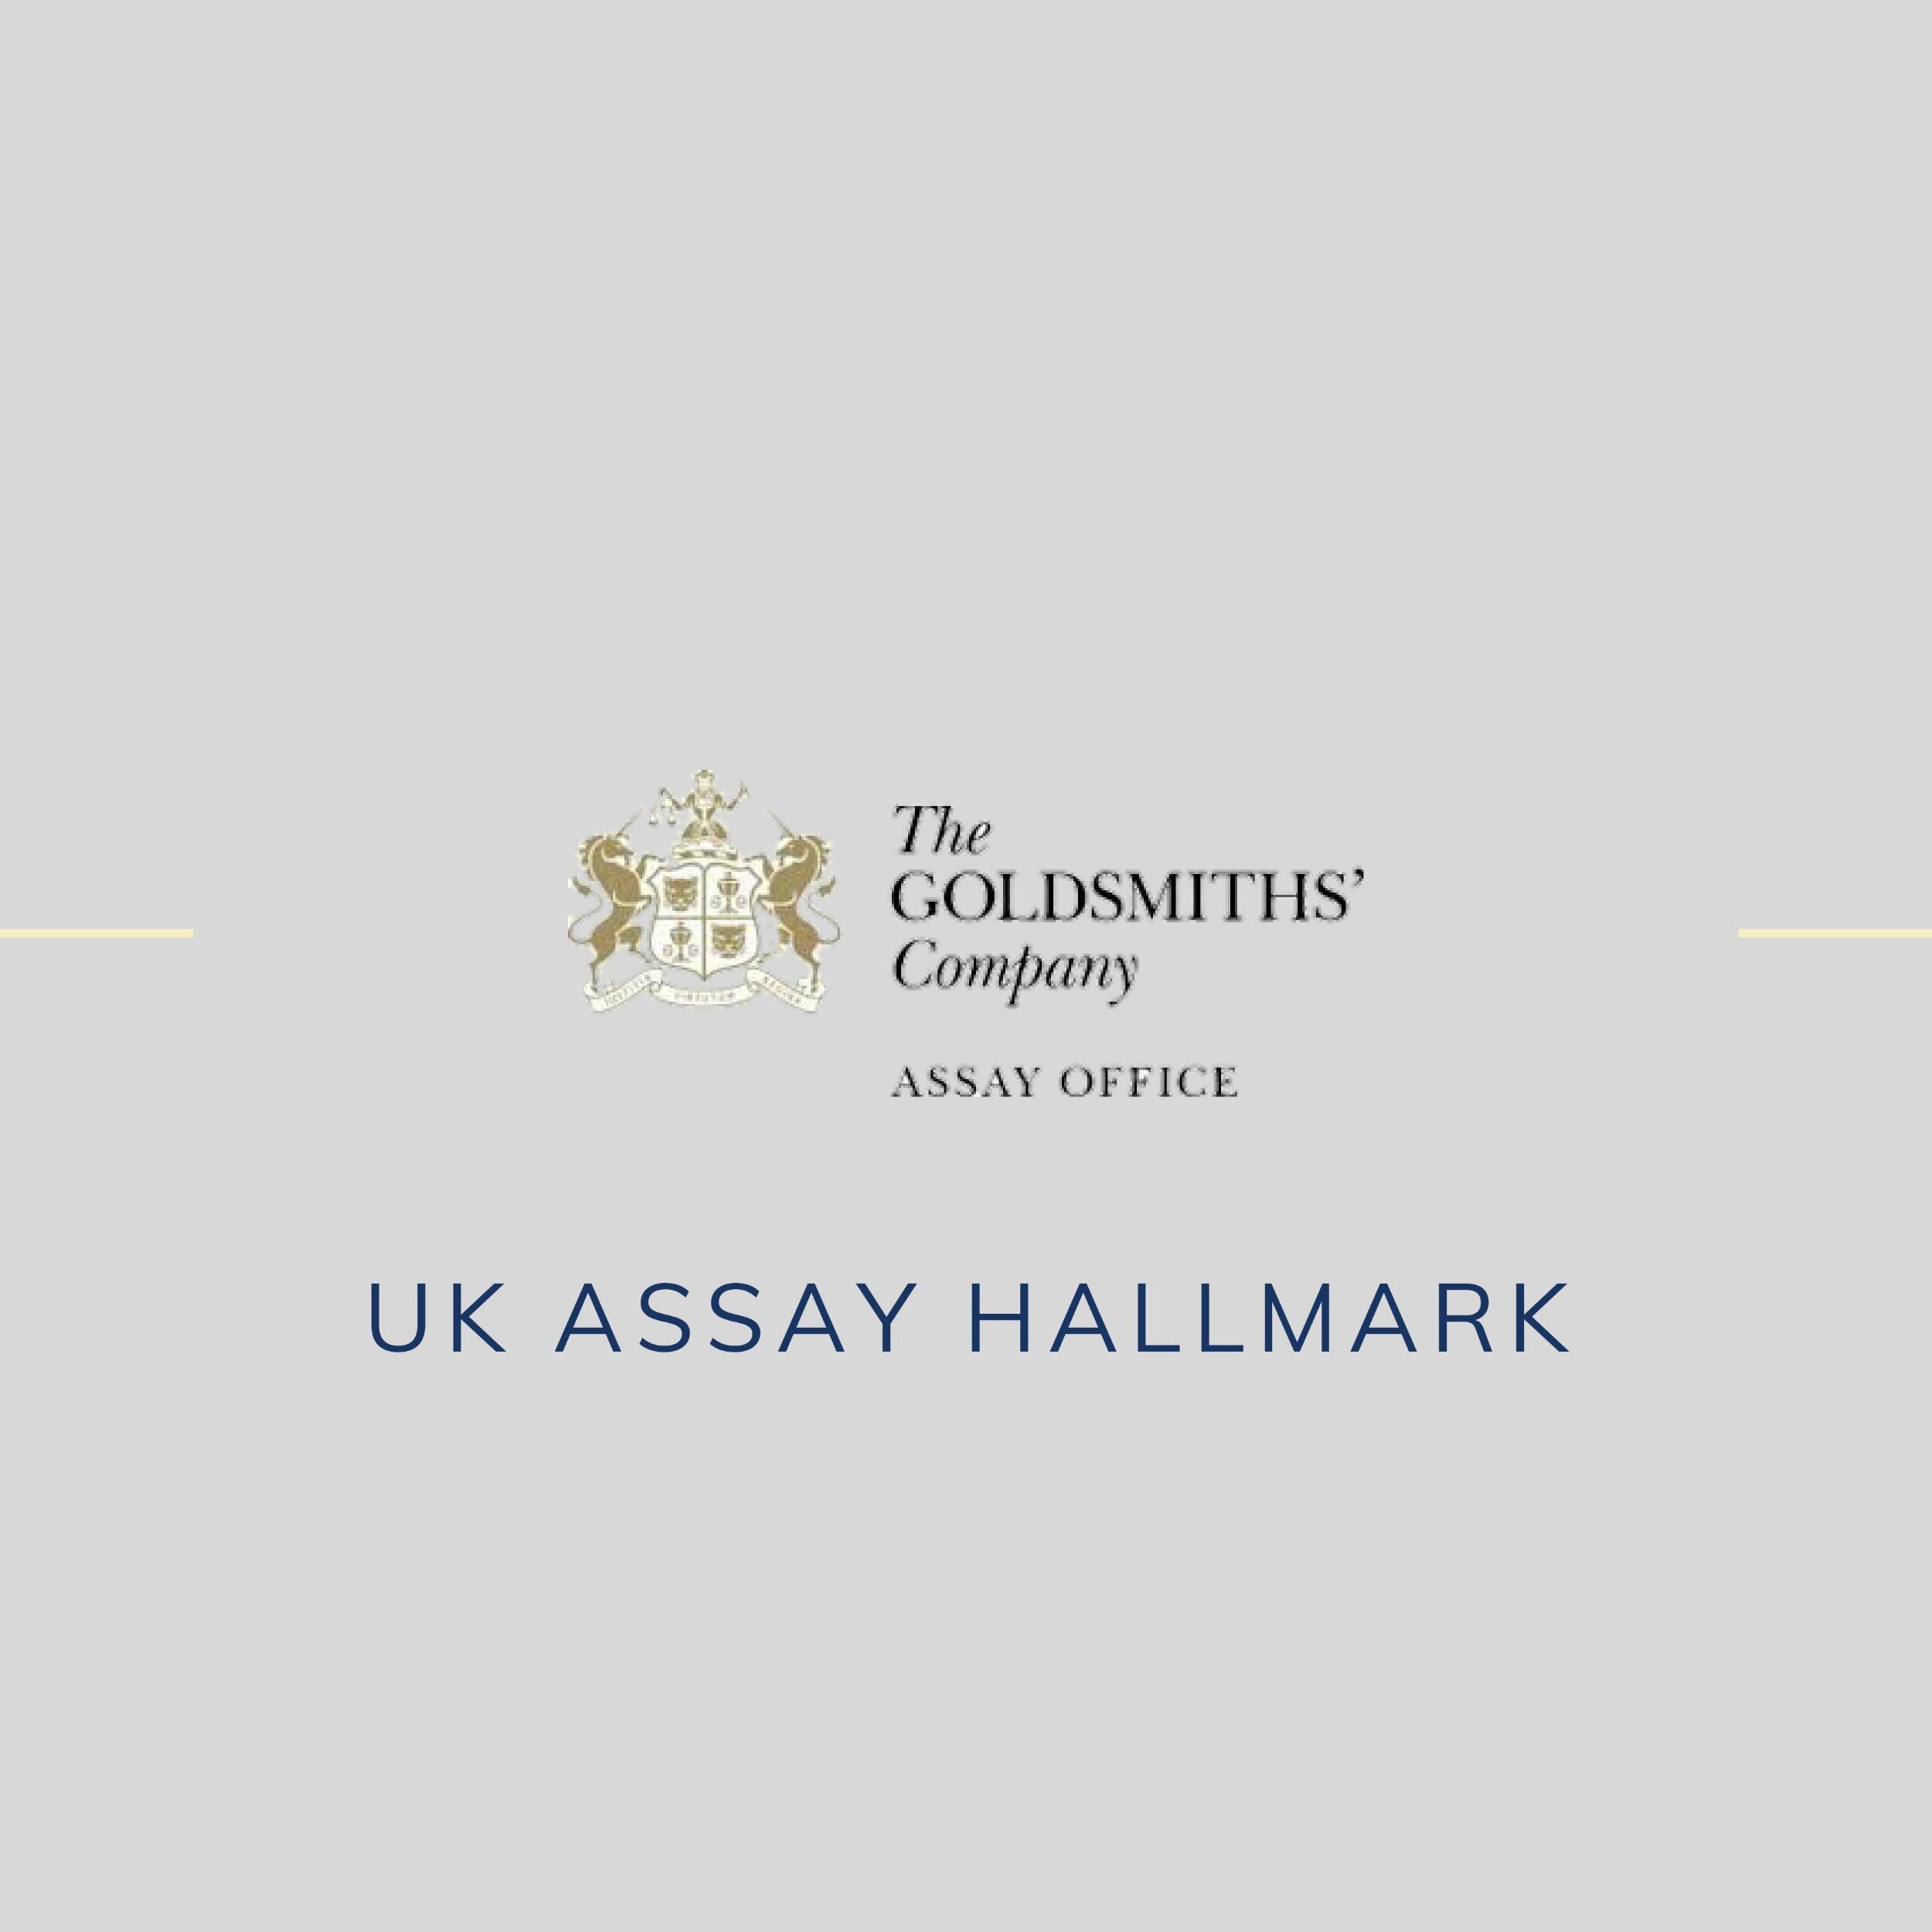 UK Assay Hallmark